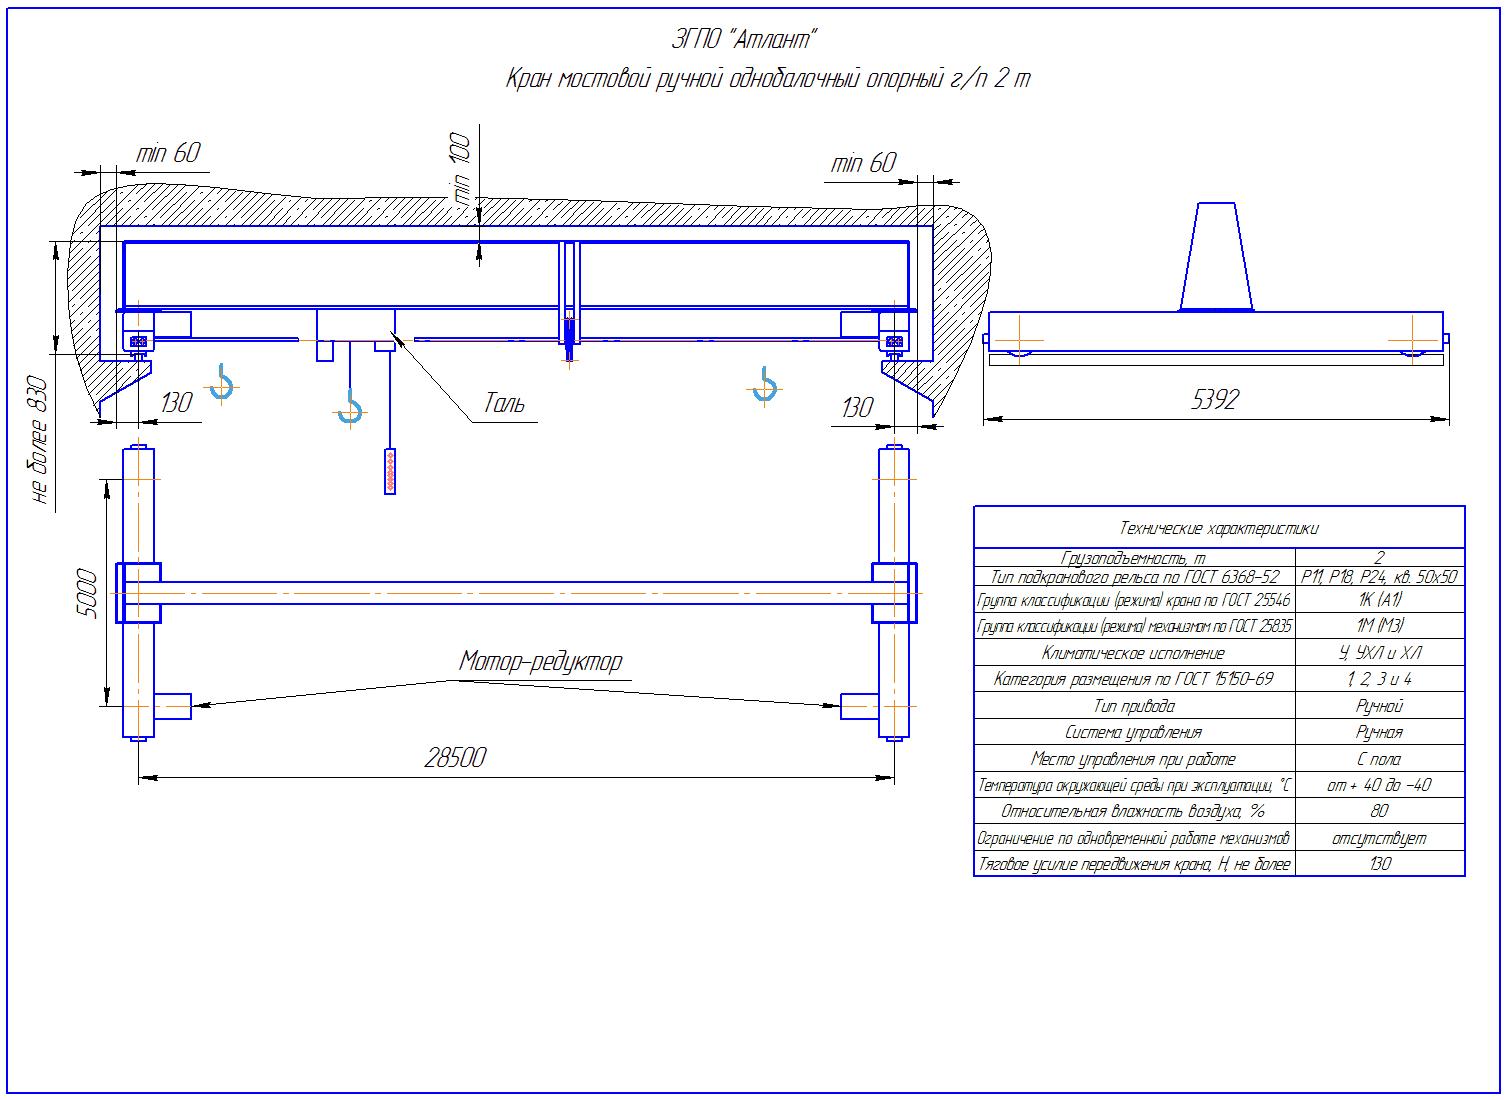 KRMOO 2 285 - Кран ручной мостовой опорный однобалочный